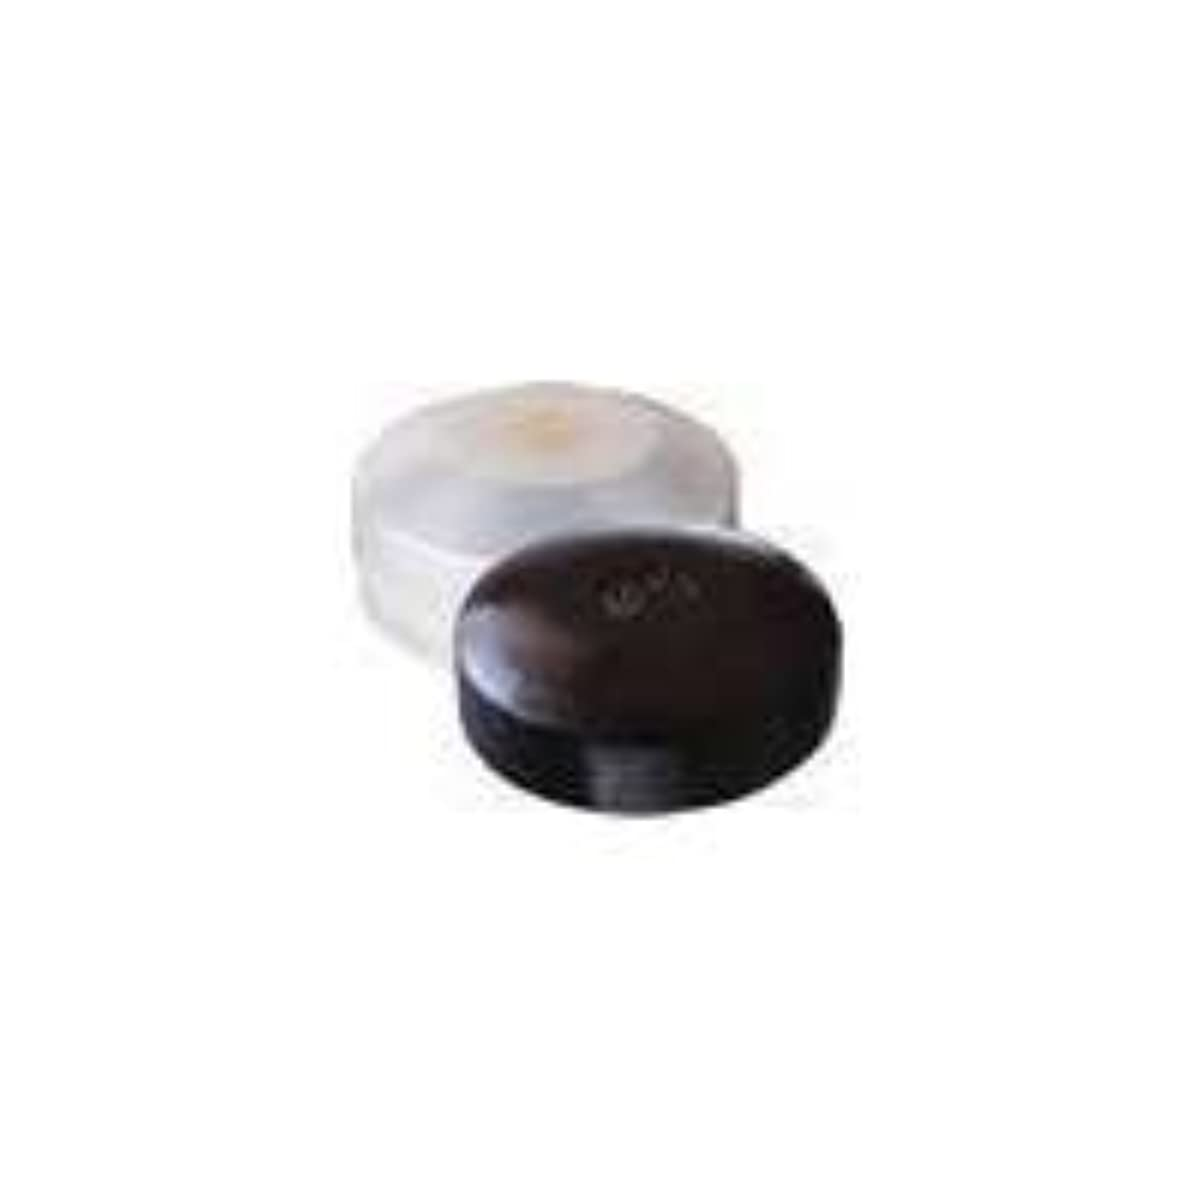 遺体安置所アレンジ罰マミヤンアロエ基礎化粧品シリーズ アロエクセルソープ 120g(ケース有) まろやかな泡立ち透明石鹸